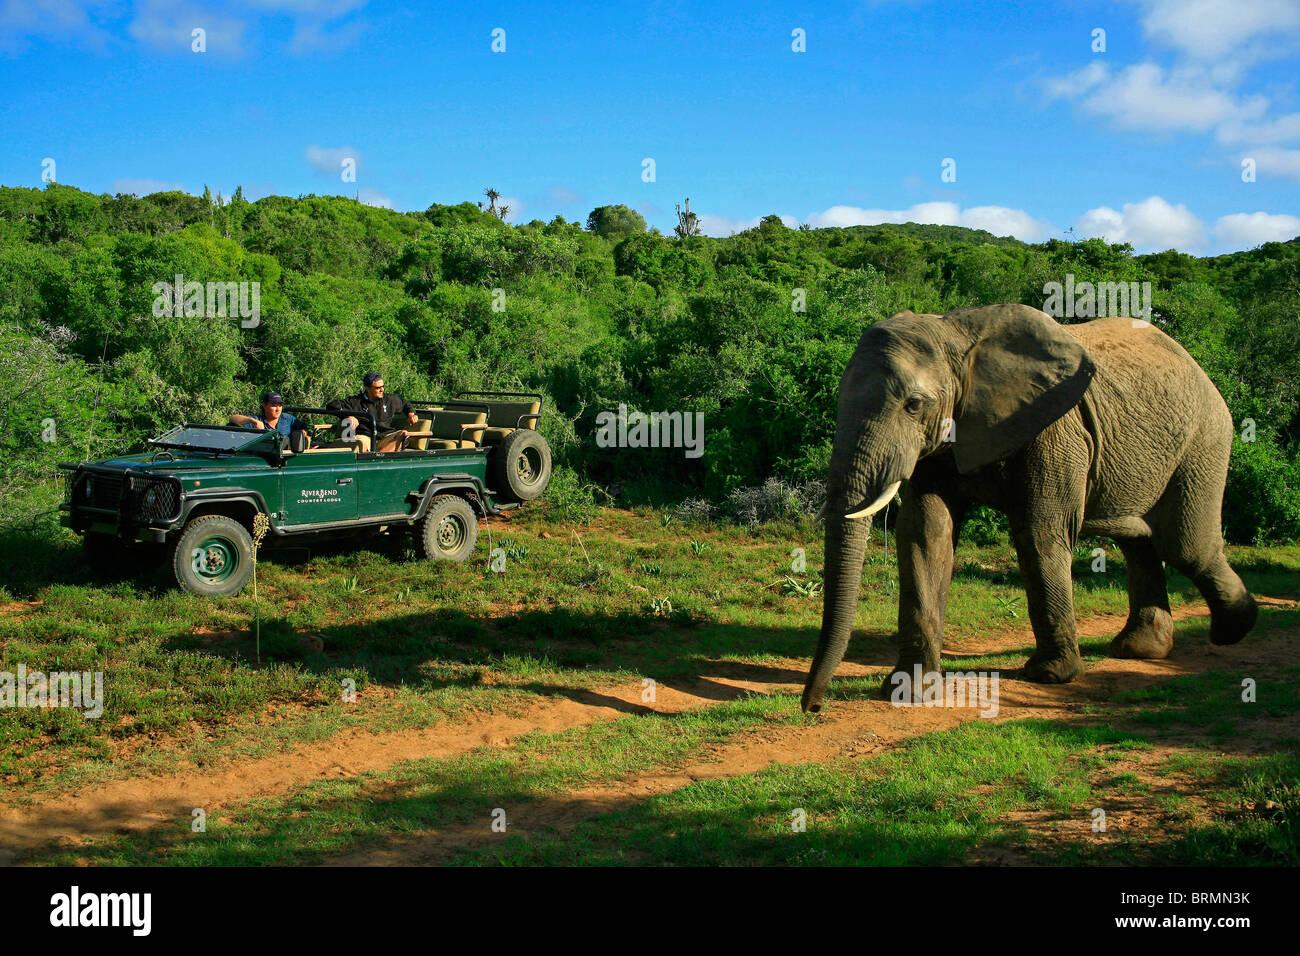 Elephant and safari game drive - Stock Image